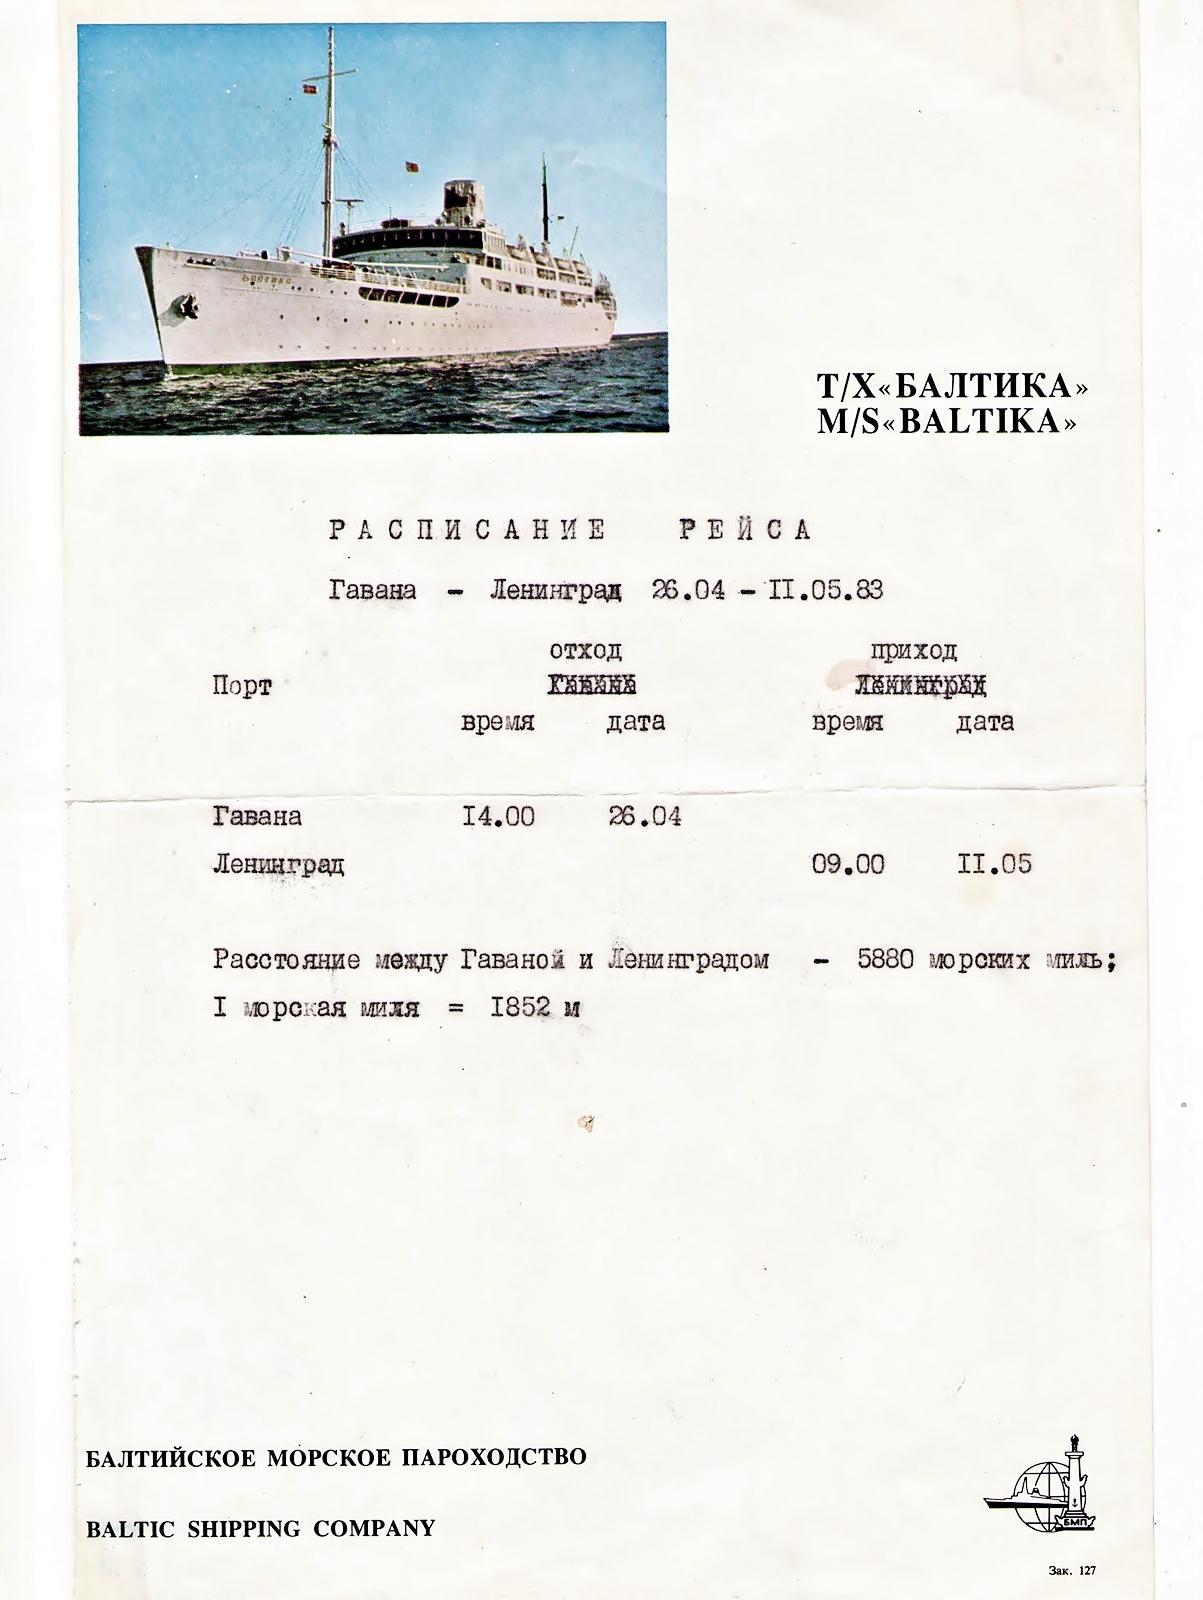 1983. «Балтика», расписание рейса